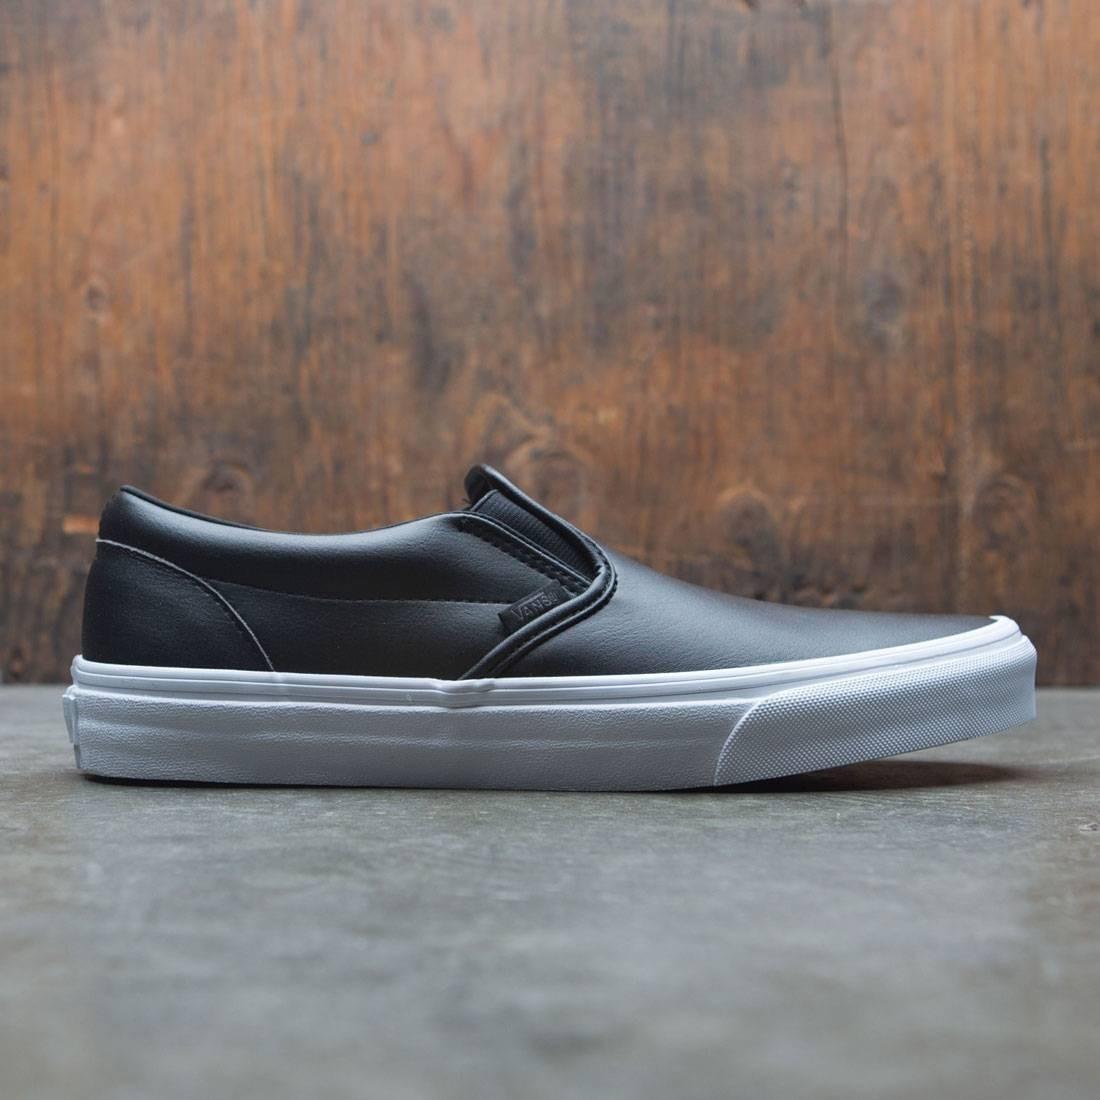 e14cbfd7a83 Vans Men Classic Slip-On - Classic Tumble black